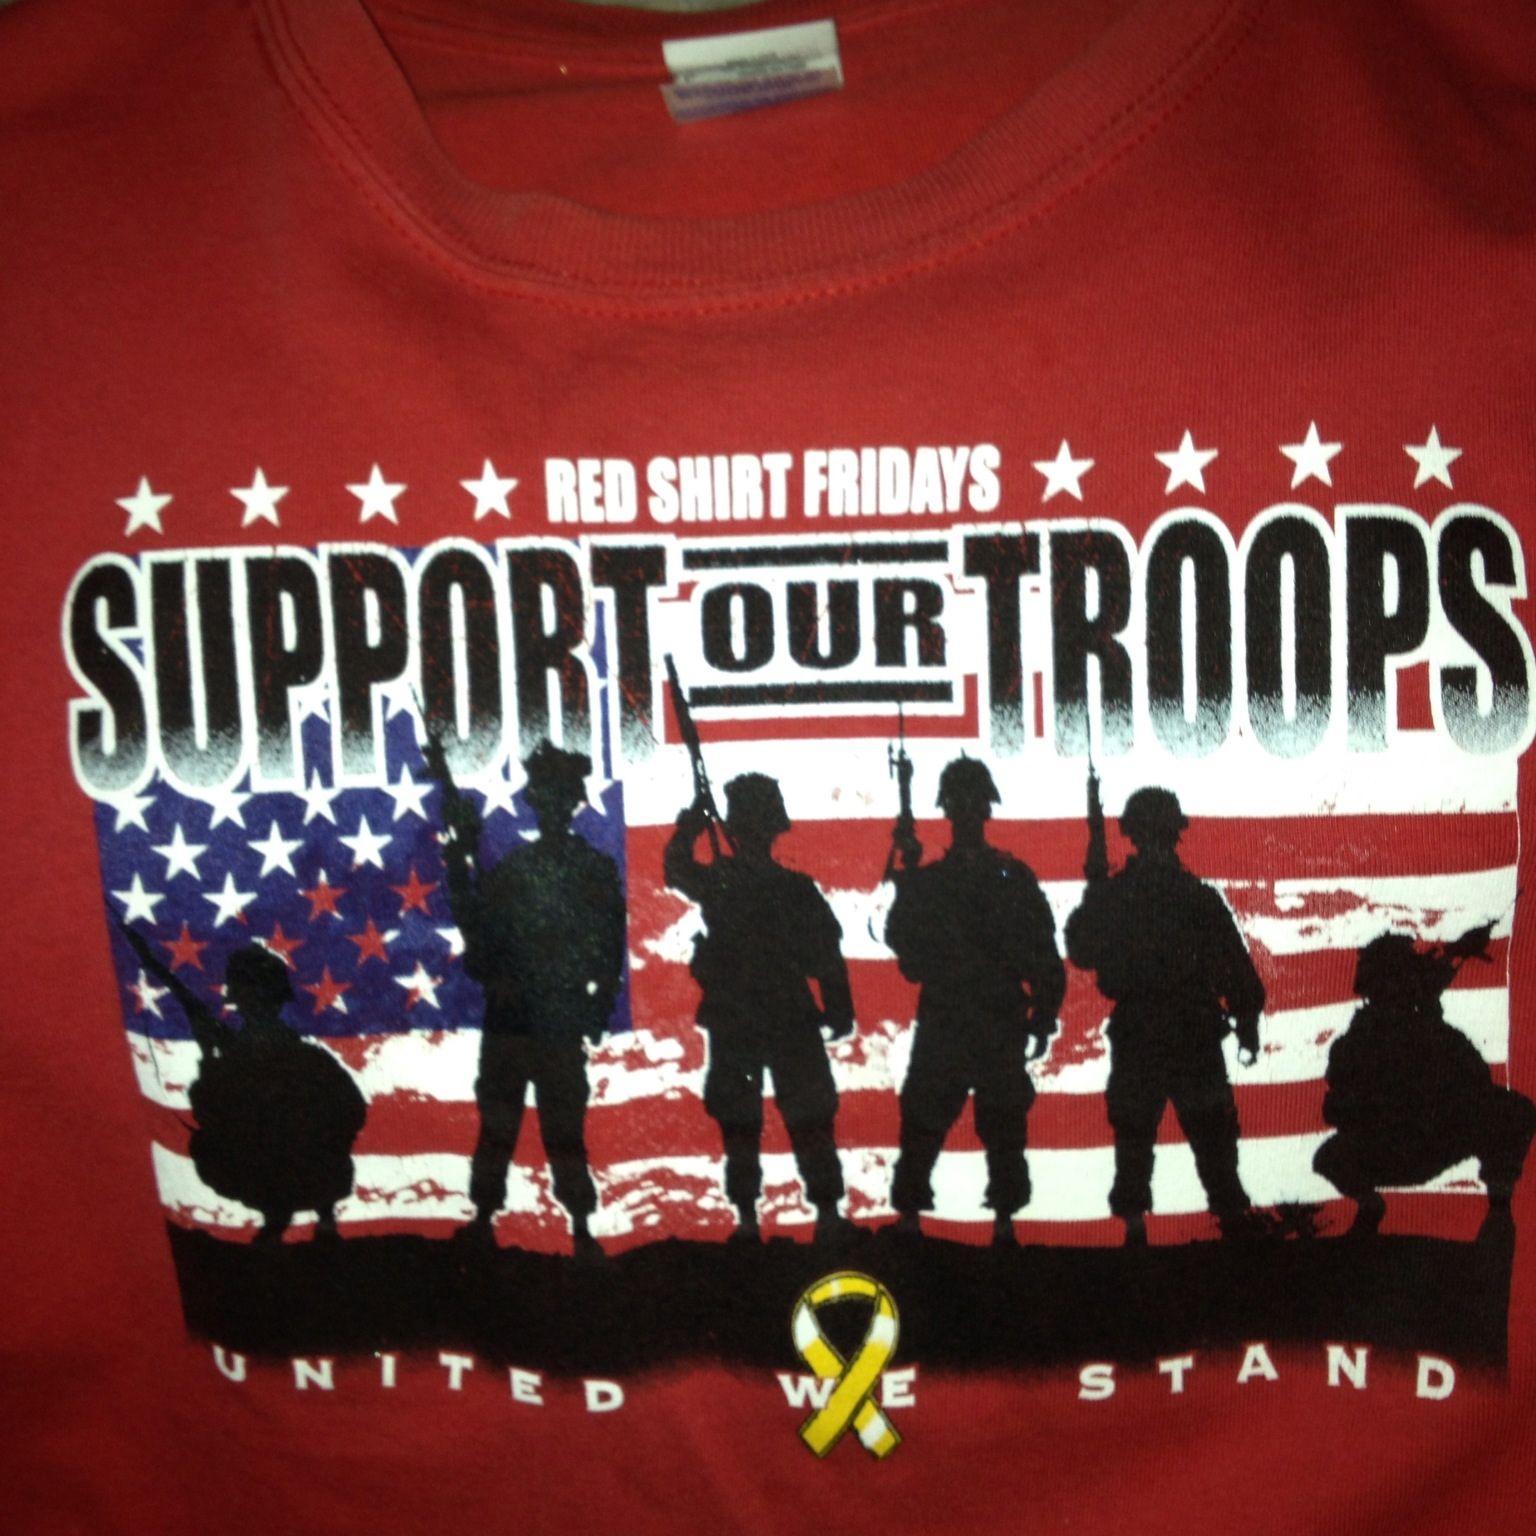 Red shirt friday support our troops ooooooooo pinterest for Red support our troops shirts